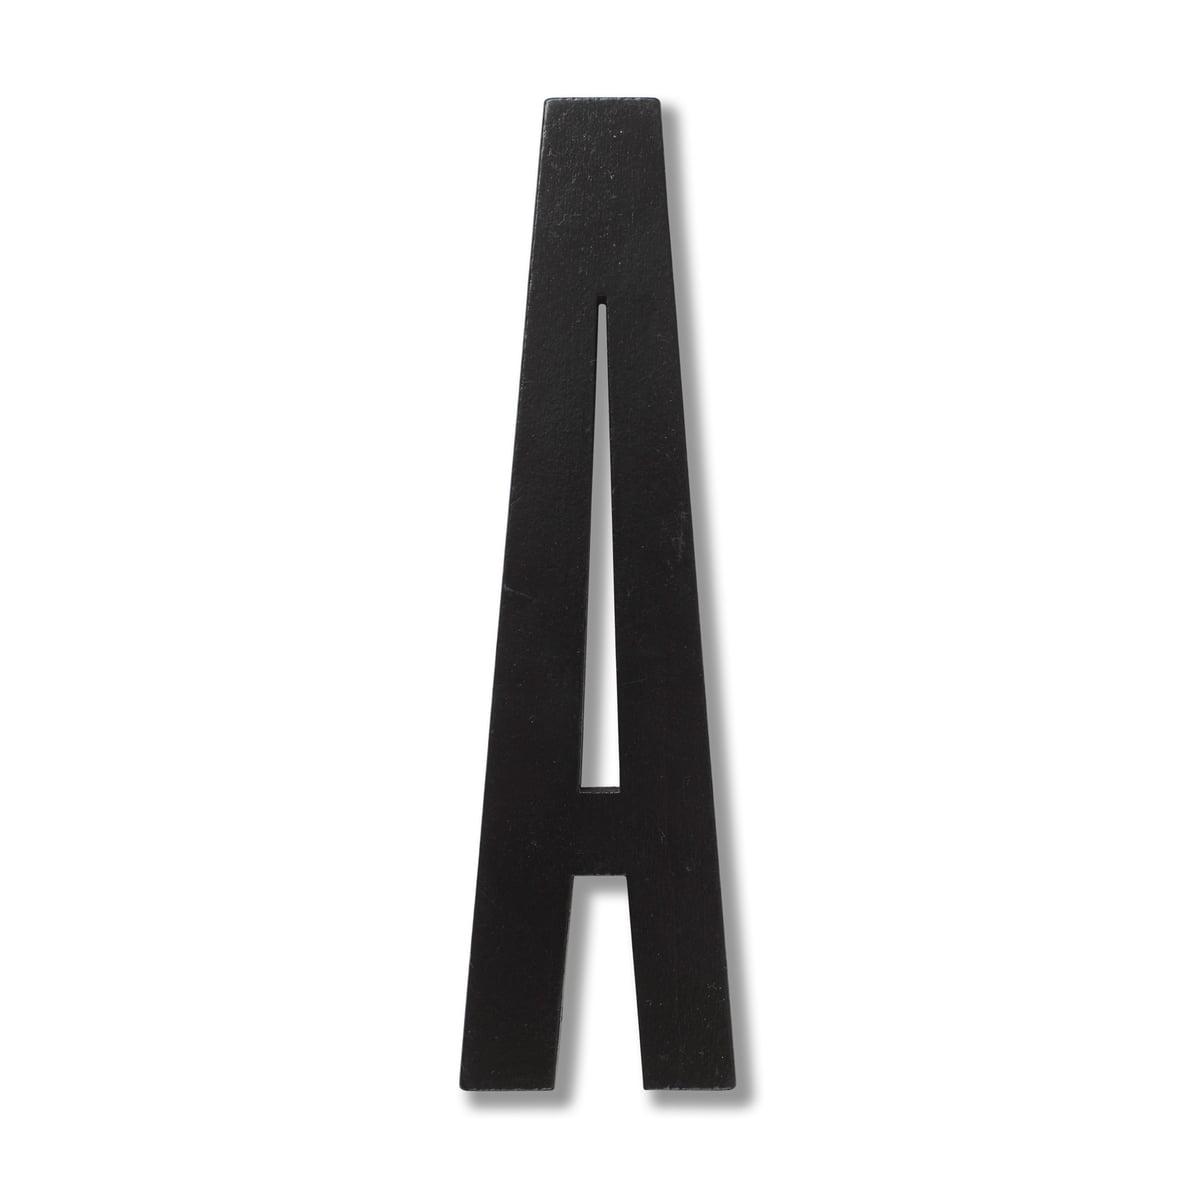 Holzbuchstaben Kinderzimmer Zum Aufstellen.Design Letters Wooden Letters Indoor A Schwarz